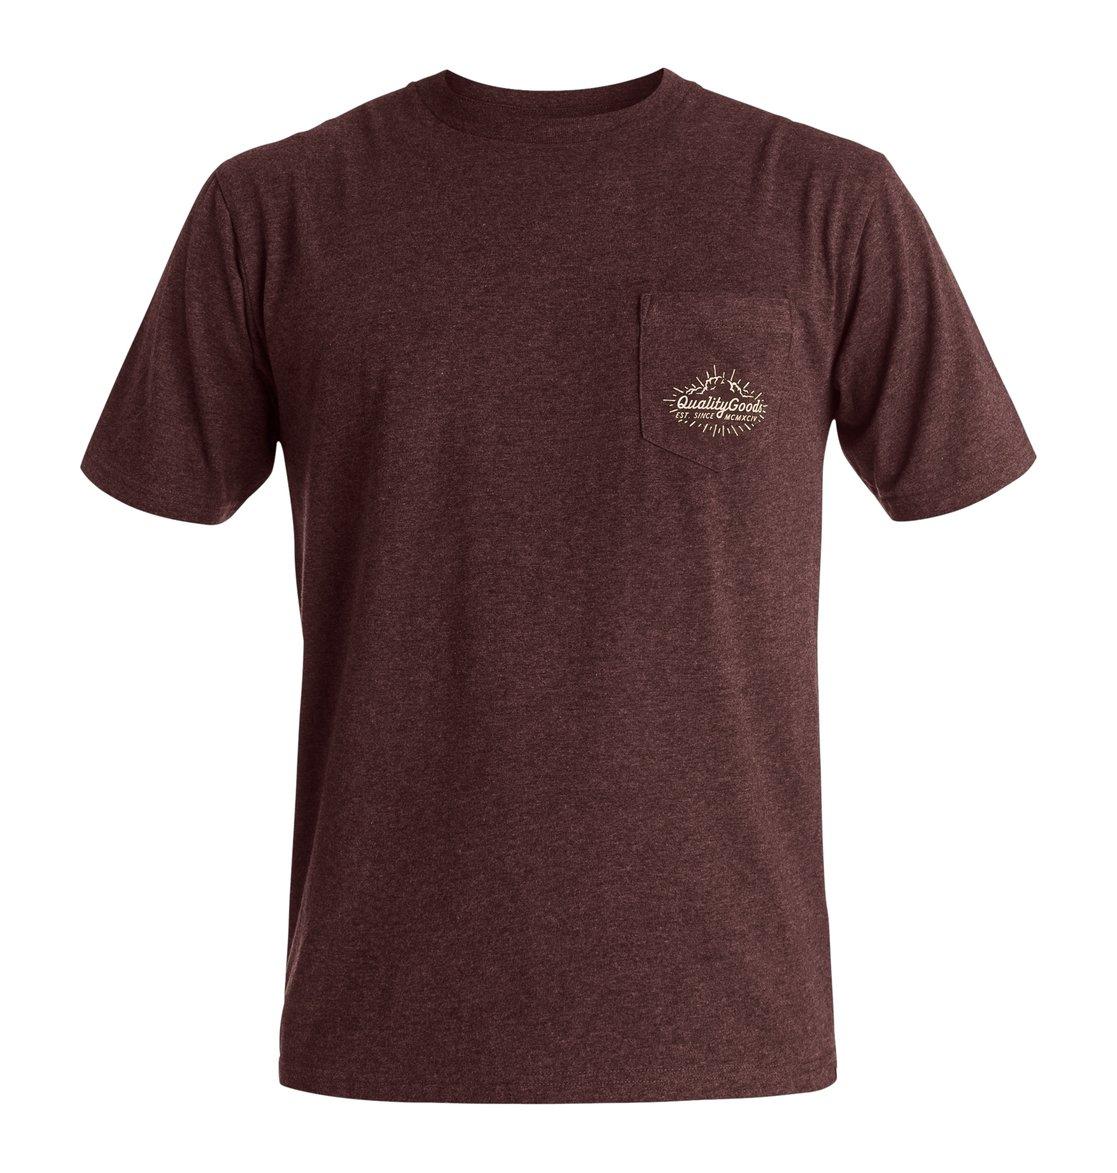 Skisland T-ShirtМужская футболка Skisland от DC Shoes. <br>ХАРАКТЕРИСТИКИ: стандартный крой, нагрудный карман, мягкий графический принт. <br>СОСТАВ: 50% хлопок, 50% полиэстер.<br>